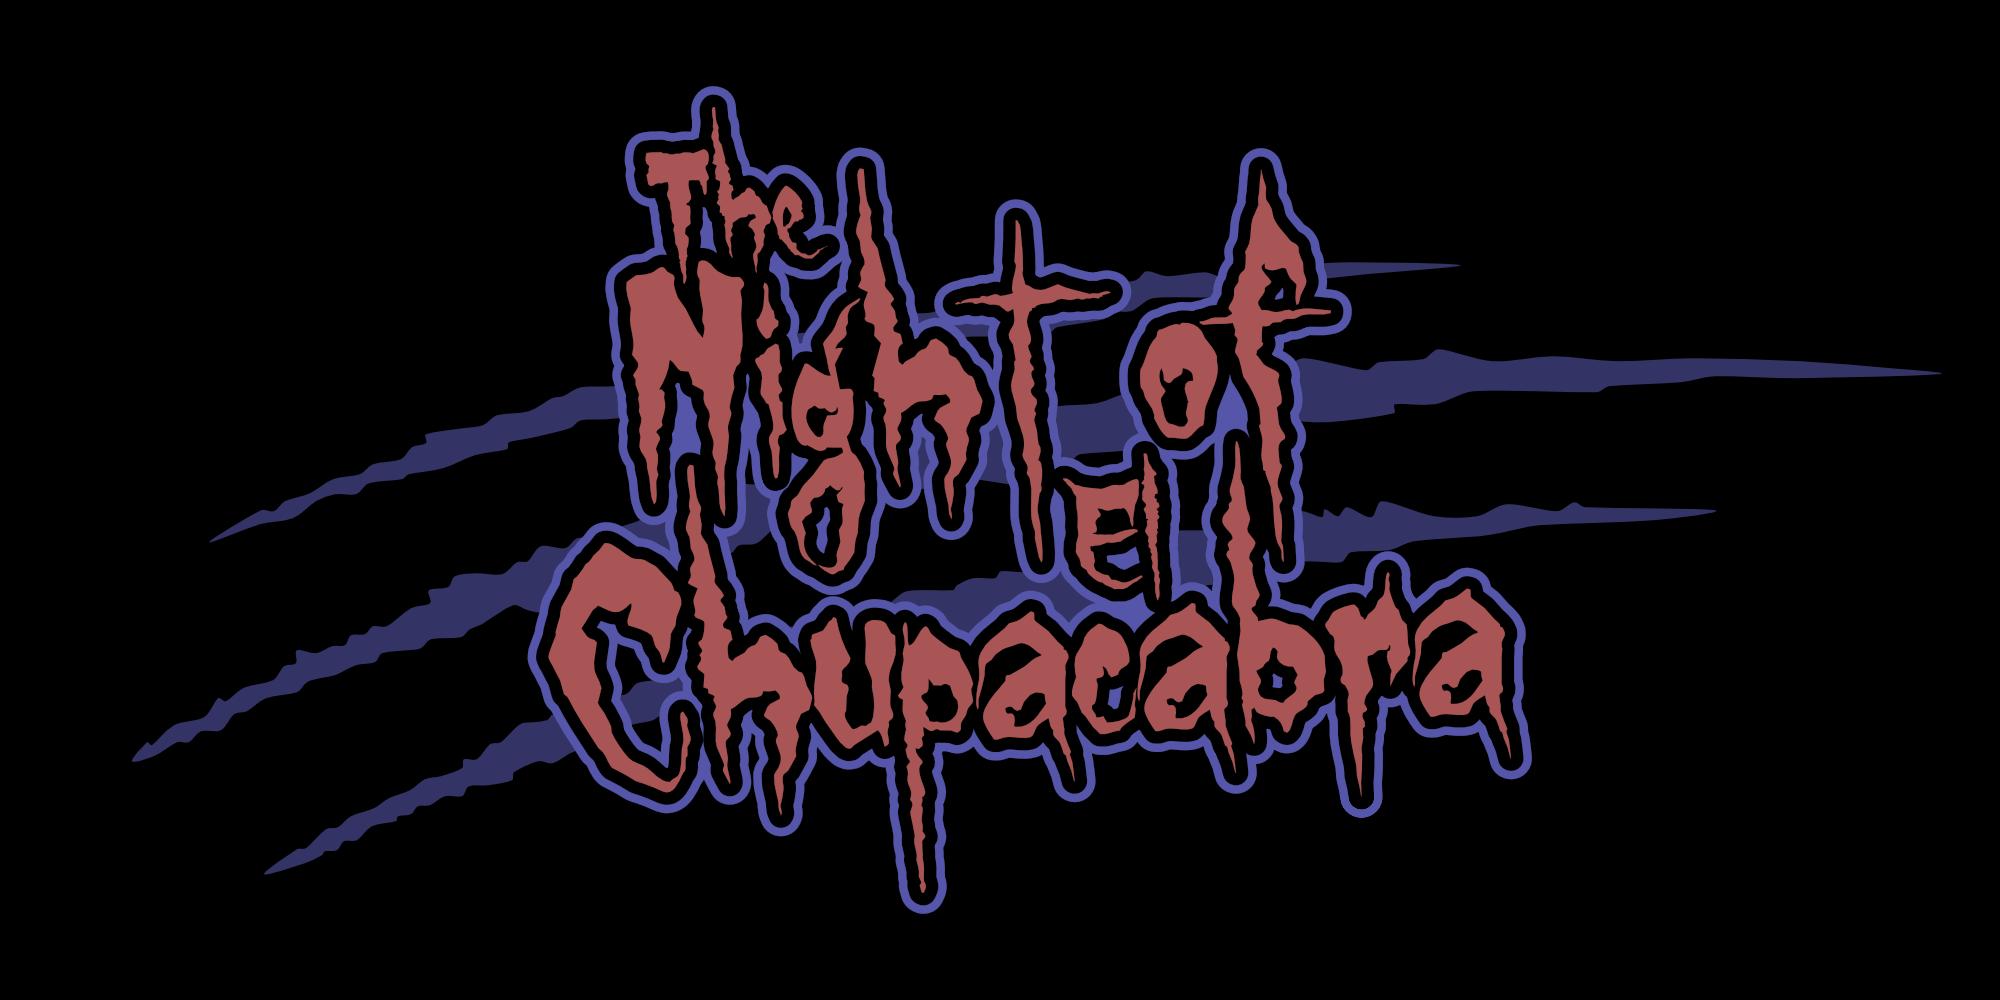 Night of El Chupacabra